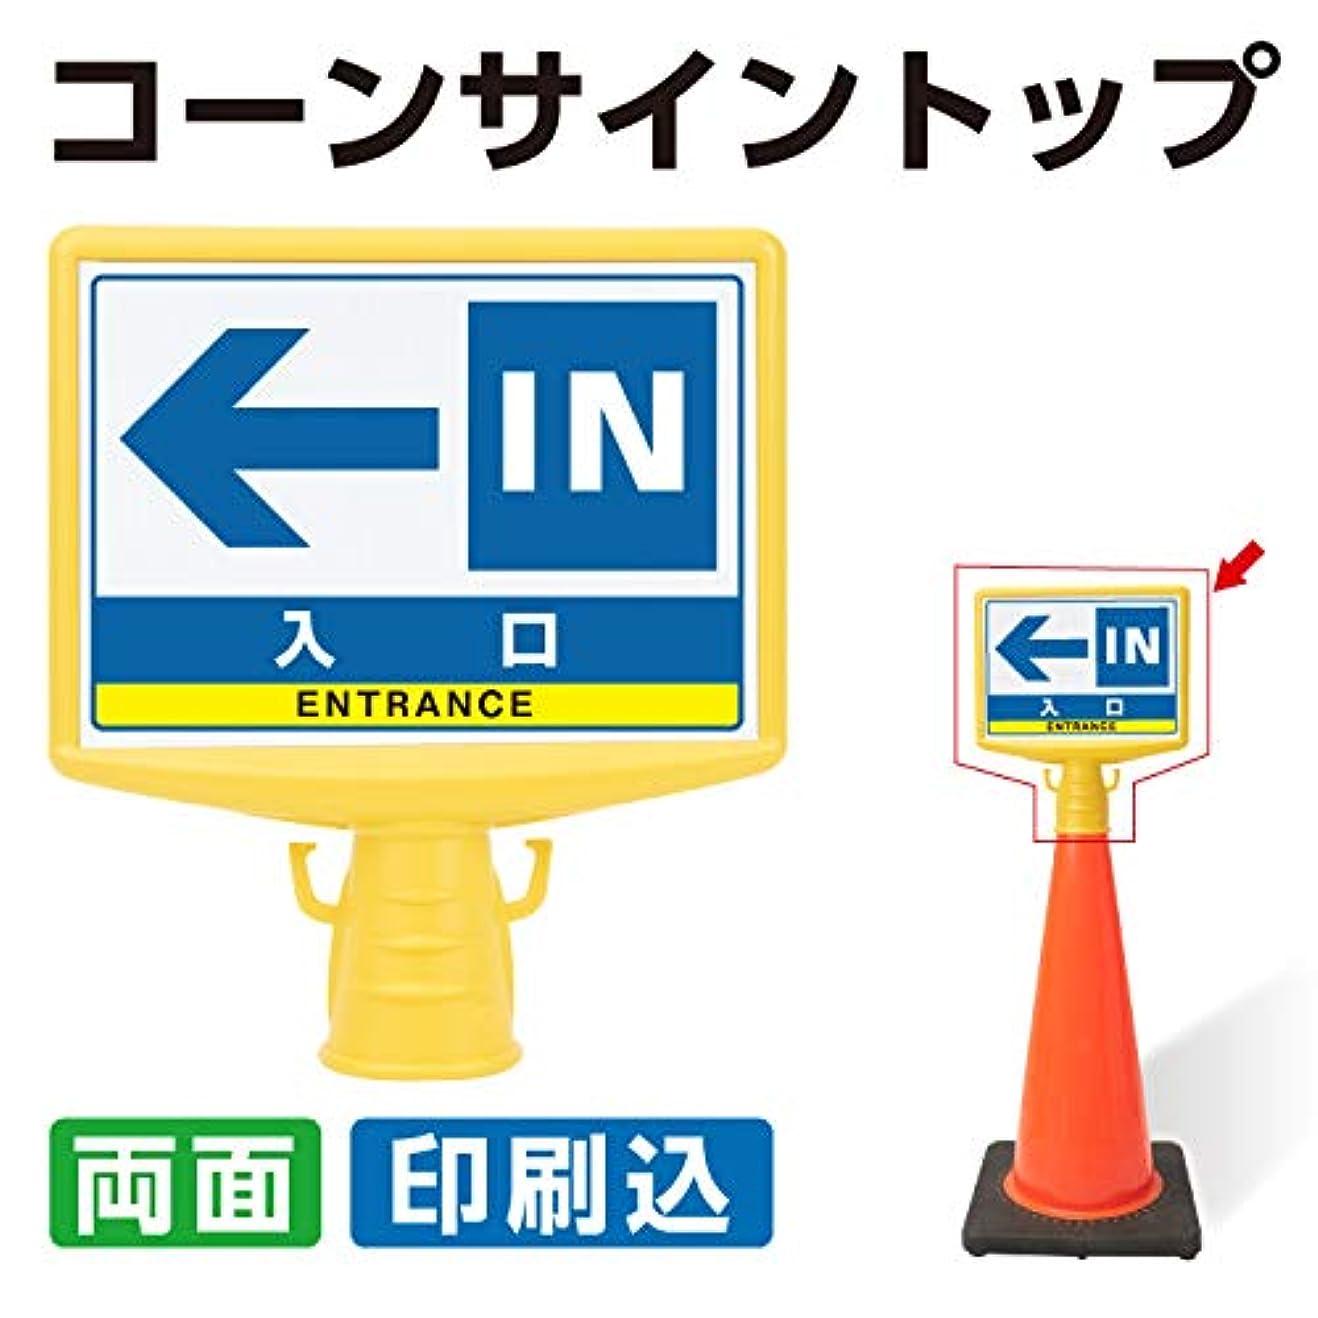 活気づける保育園連続したコーンサイントップ【入口】 カラーコーン看板 表示ボード 両面表示 標識看板 最短発送 取付簡単 高密度ポリエチレン H370mm YCN-874-813